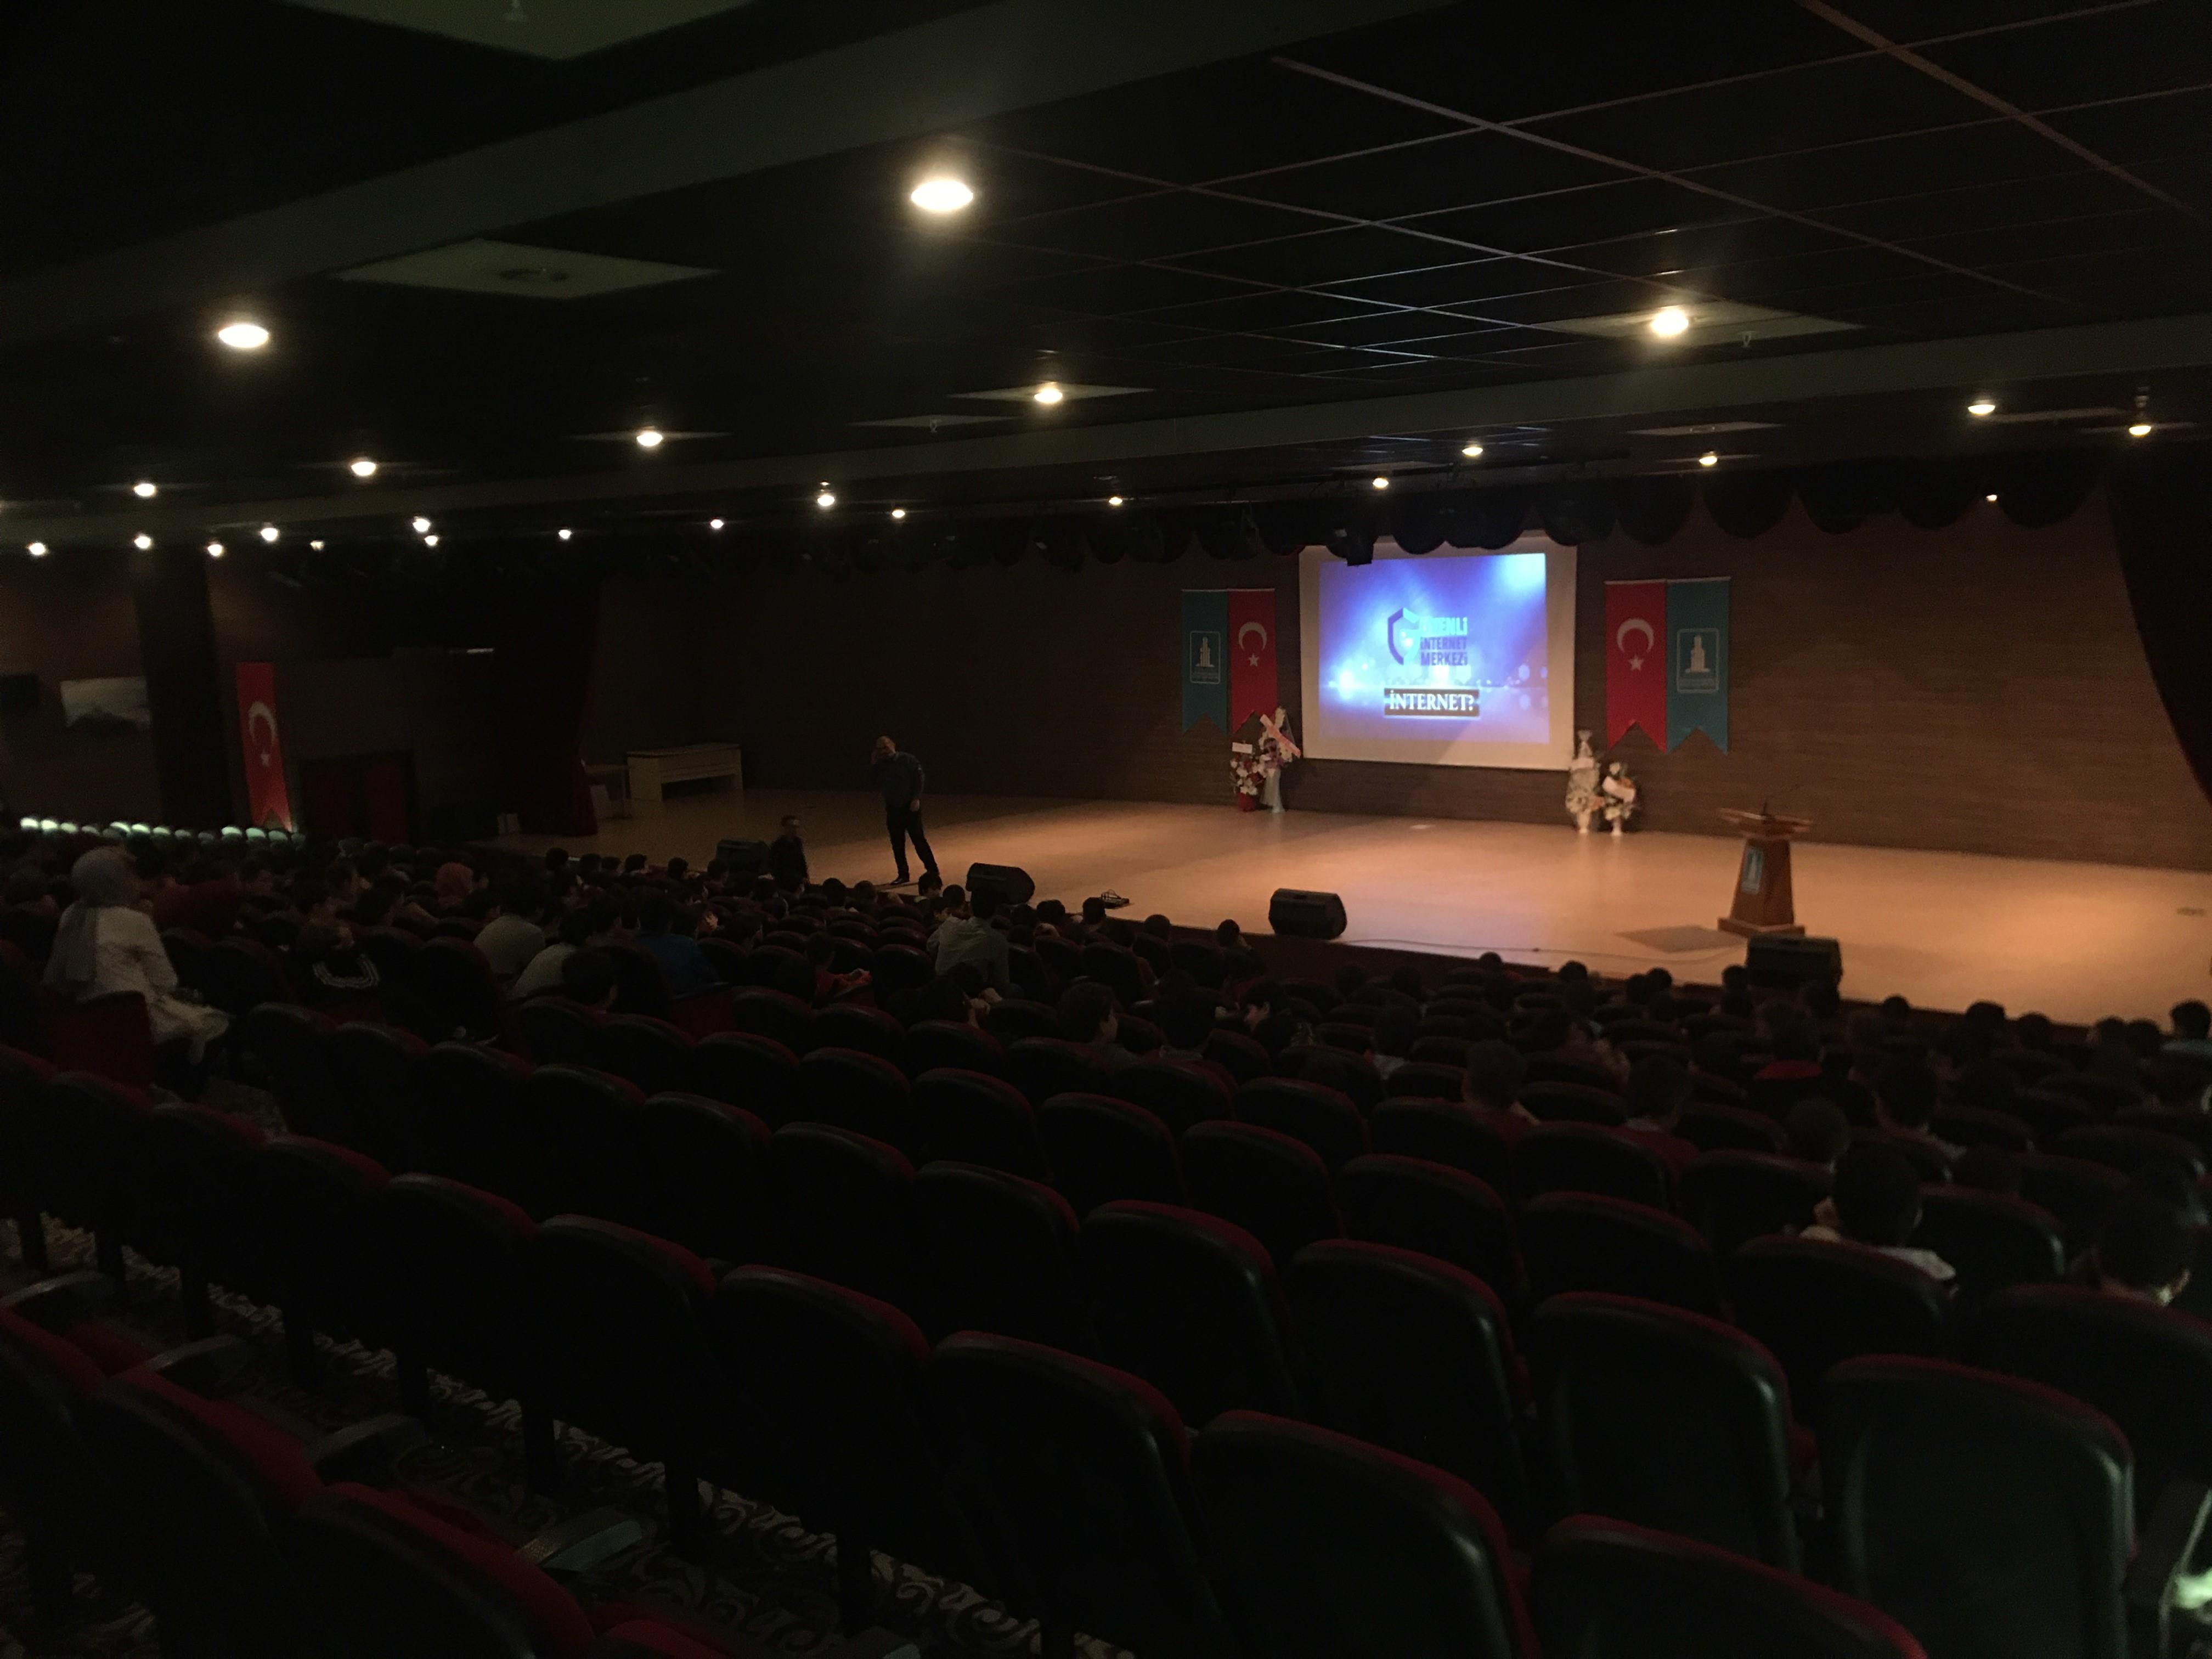 Rize, Çayeli ve Güneysu Milli Eğitim Müdürlüğüne Bağlı Ortaokullara Yönelik, Bilinçli Ve Güvenli İnternet Semineri